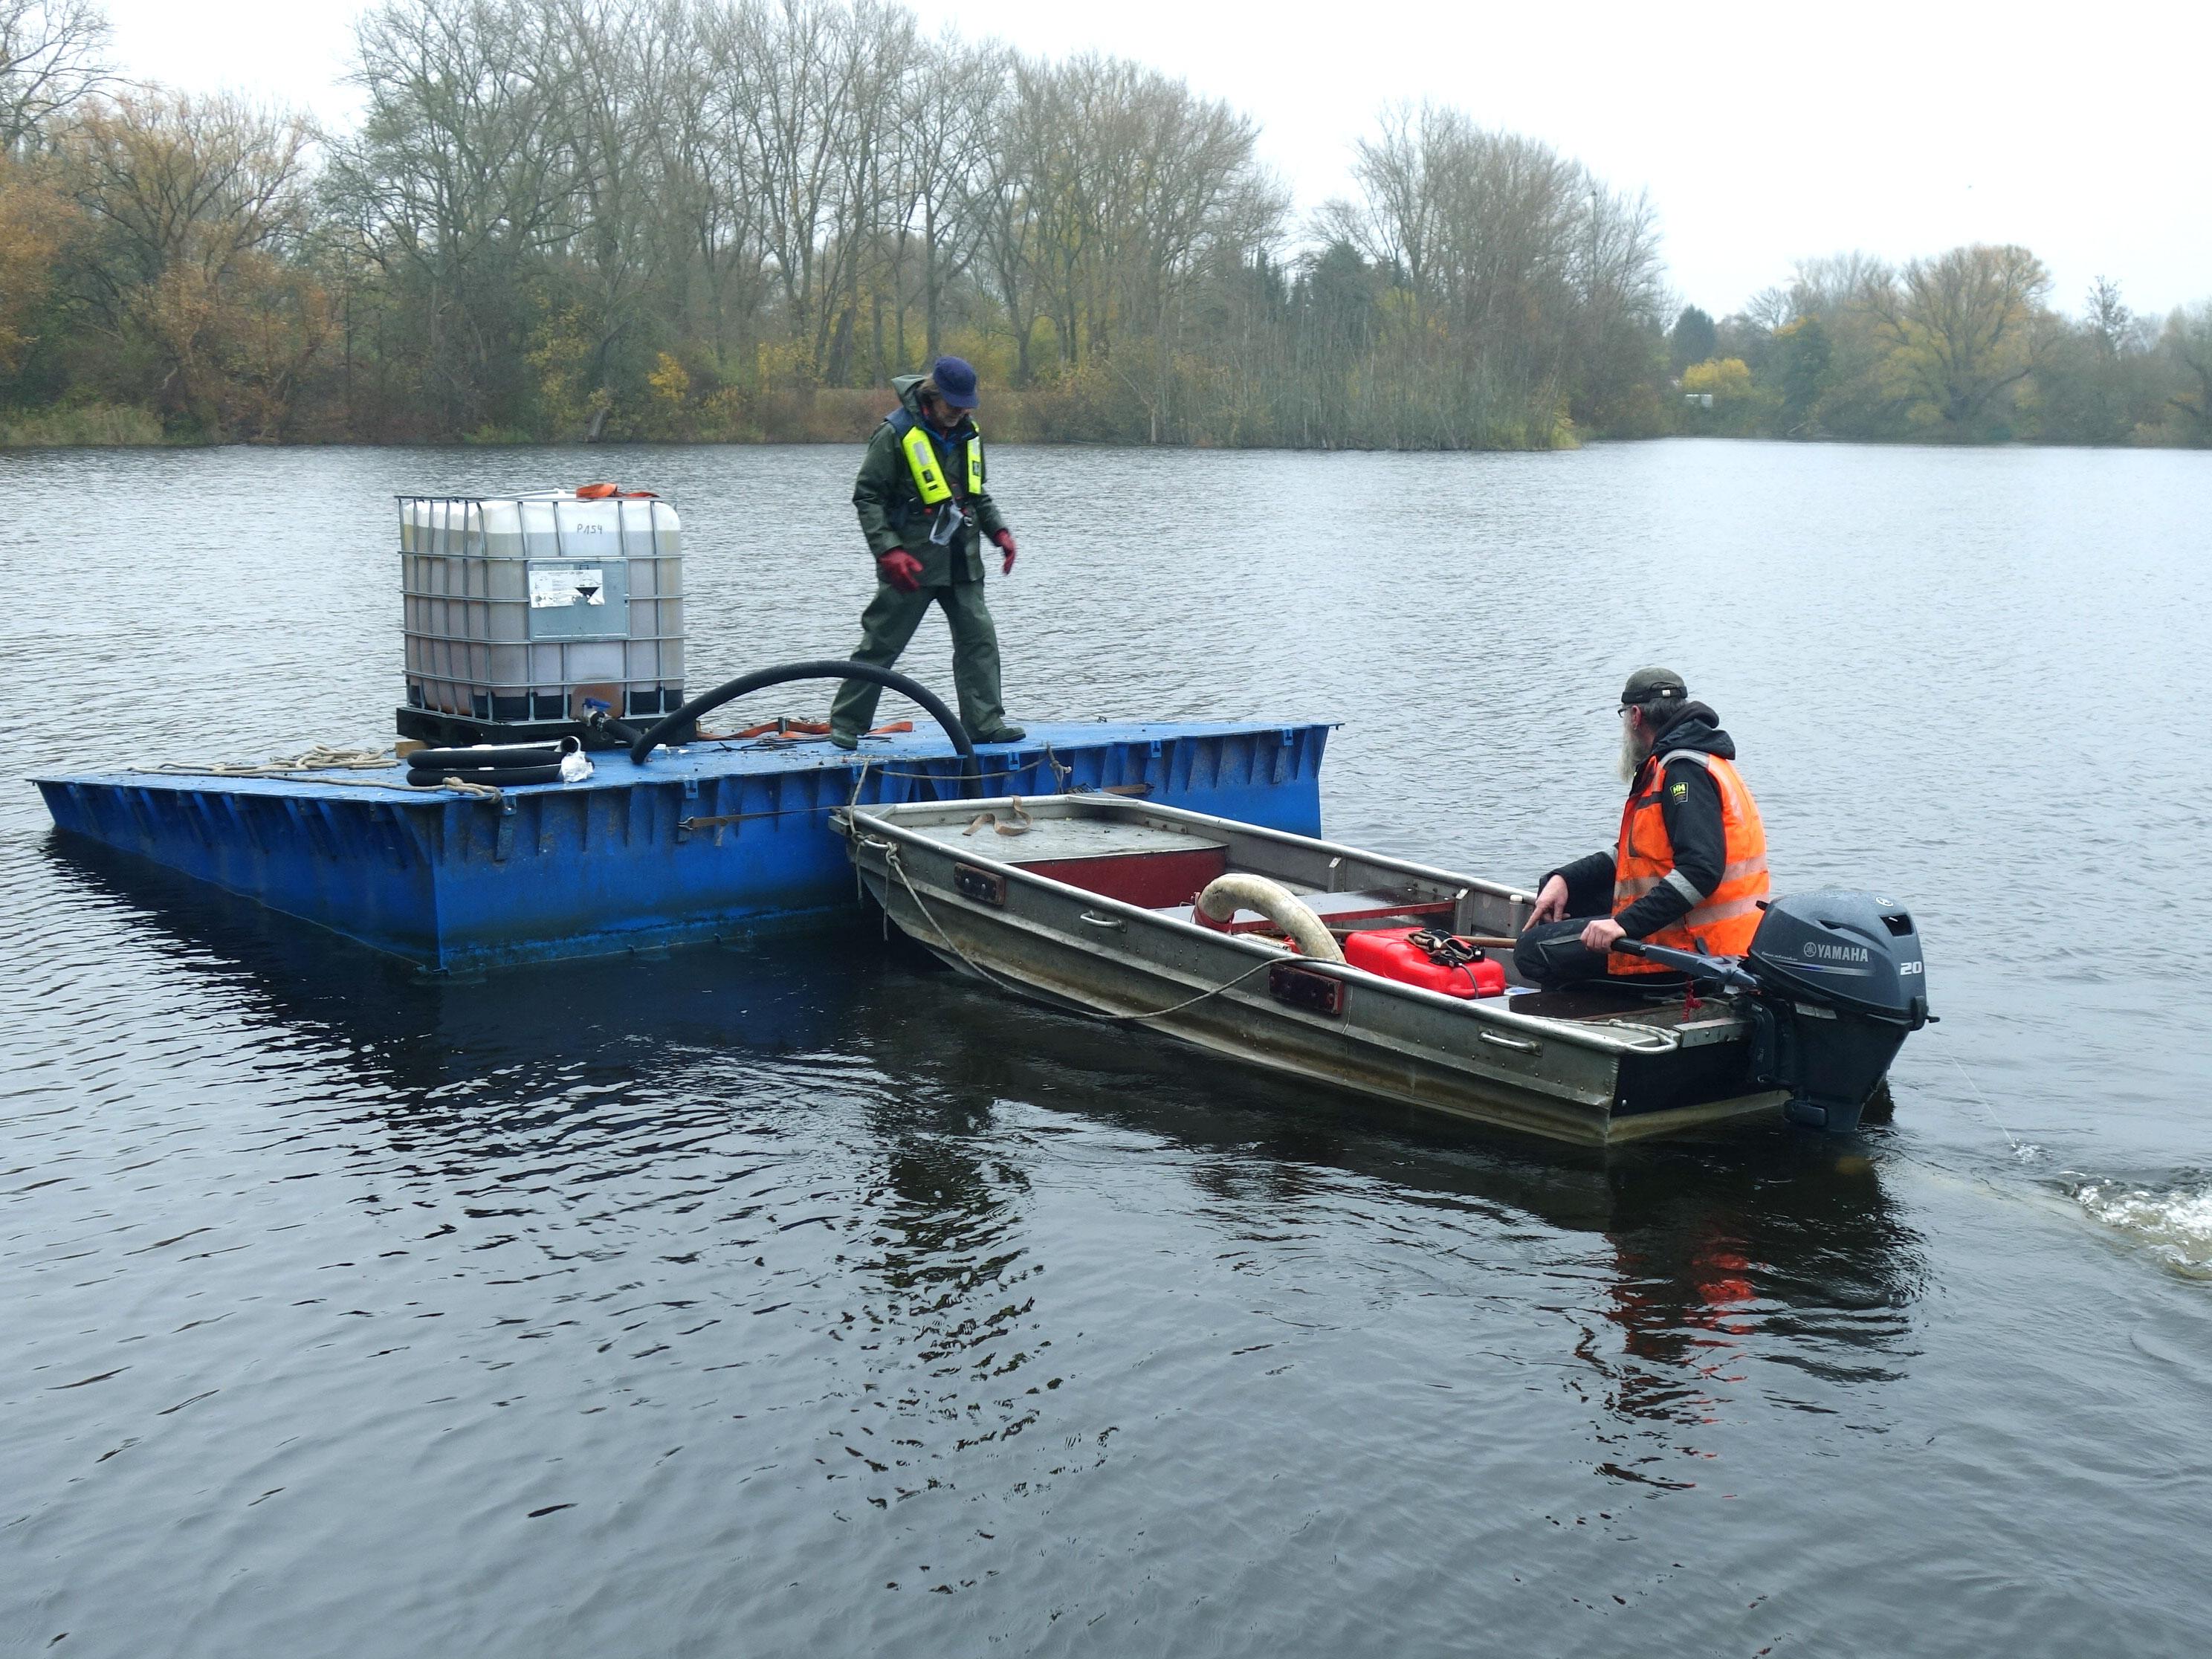 Das Fällmittel wird von einem Boot aus über einen Schlauch ausgebracht und gleichmäßig im Siebenmeterteich verteilt.